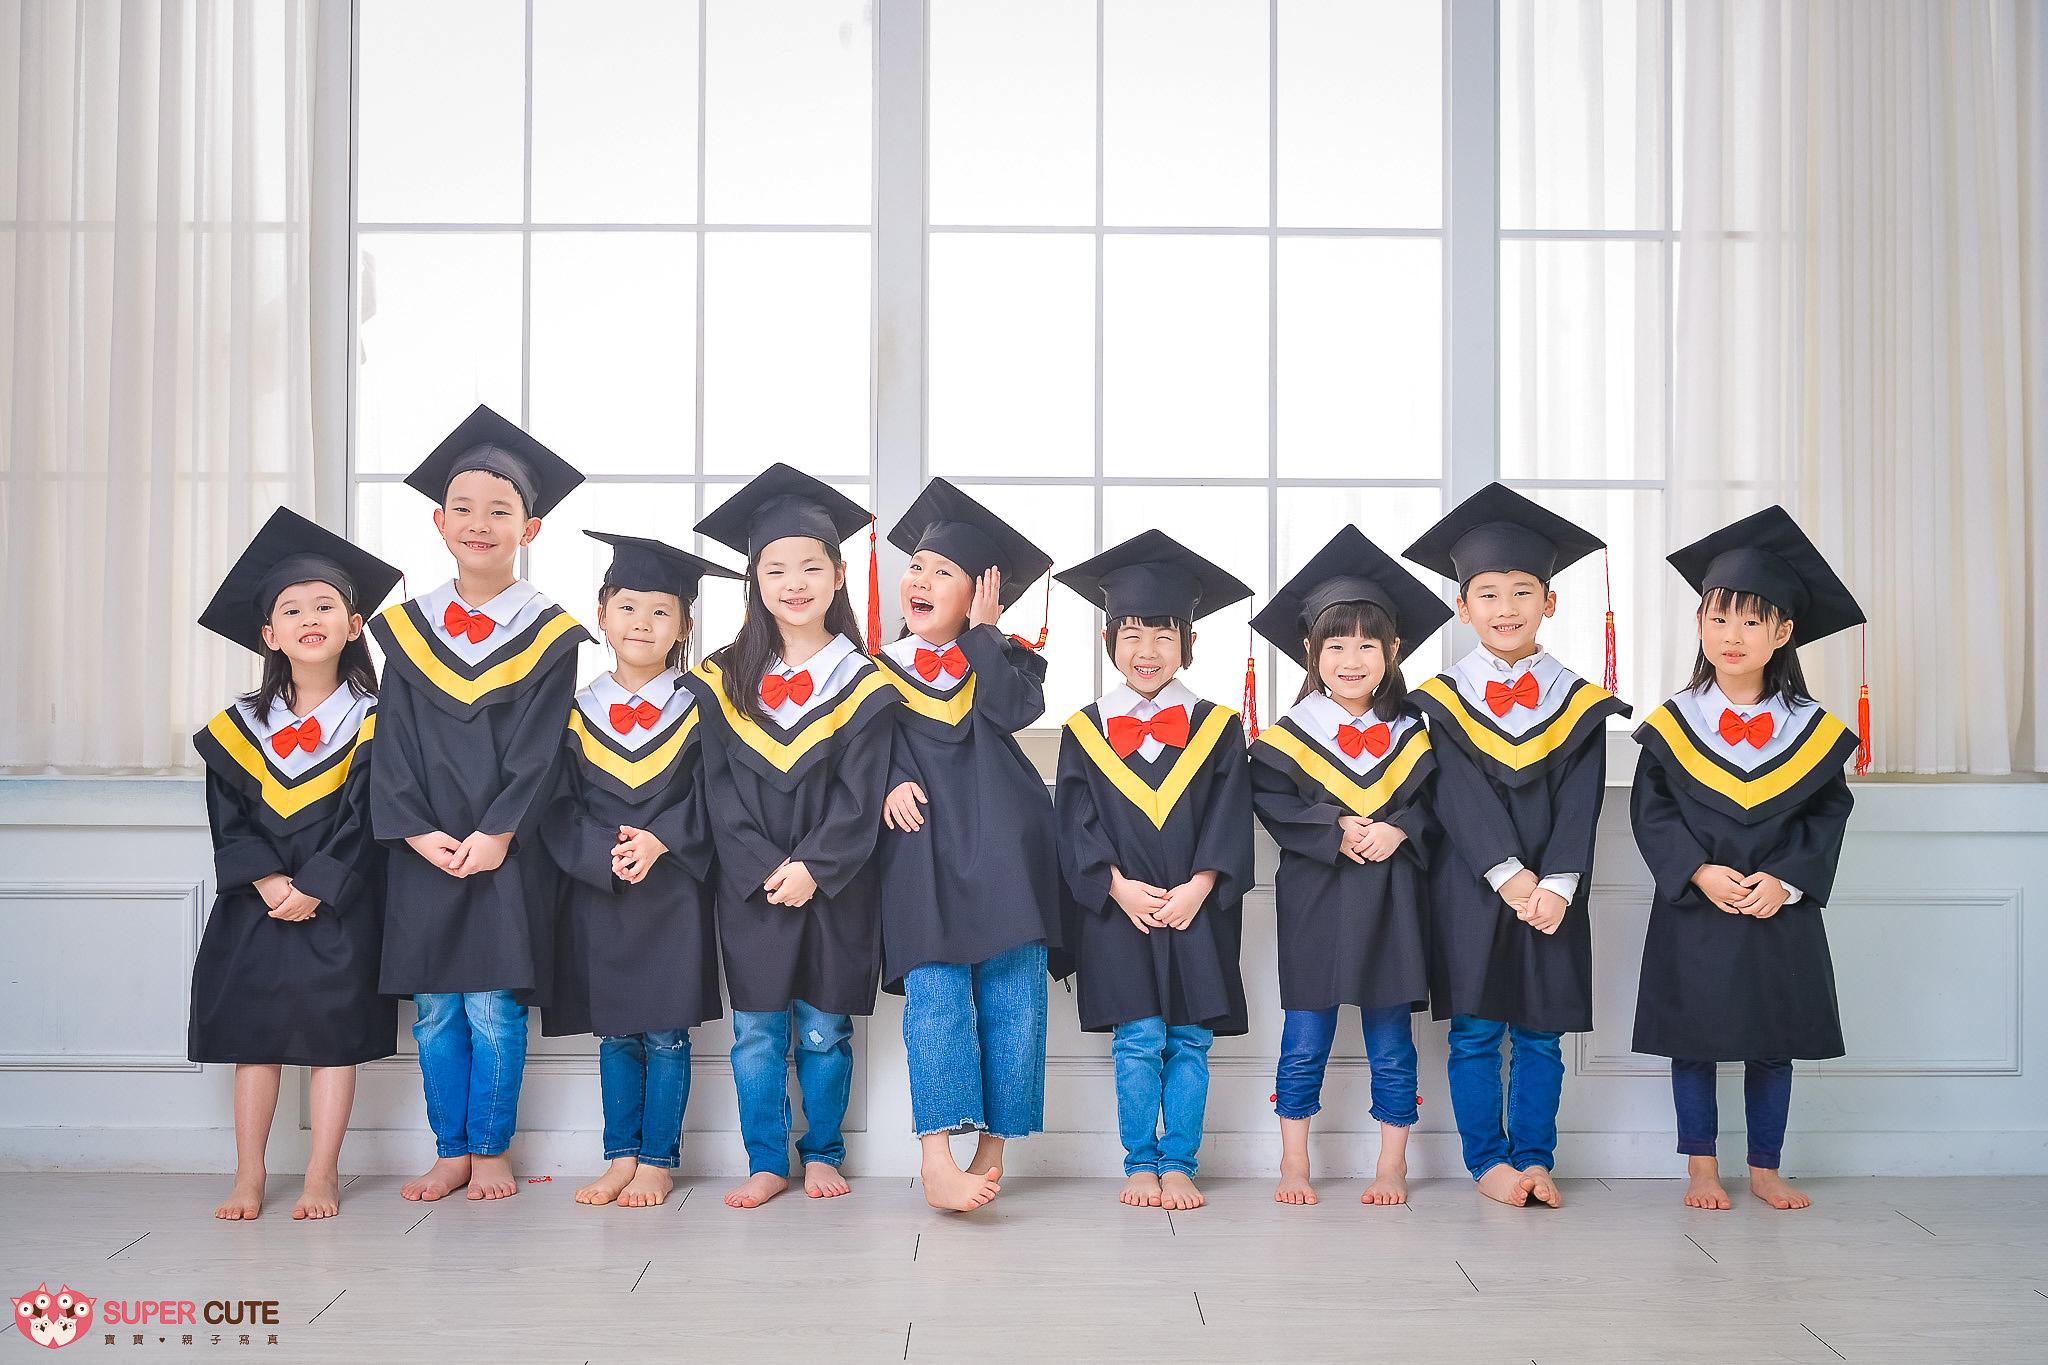 畢業照,畢業拍攝,幼稚園畢業照,幼稚園畢業寫真,畢業寫真,幼稚園畢業拍攝,兒童寫真,大班寫真,寶寶寫真,幼稚園畢業團體照,全家福